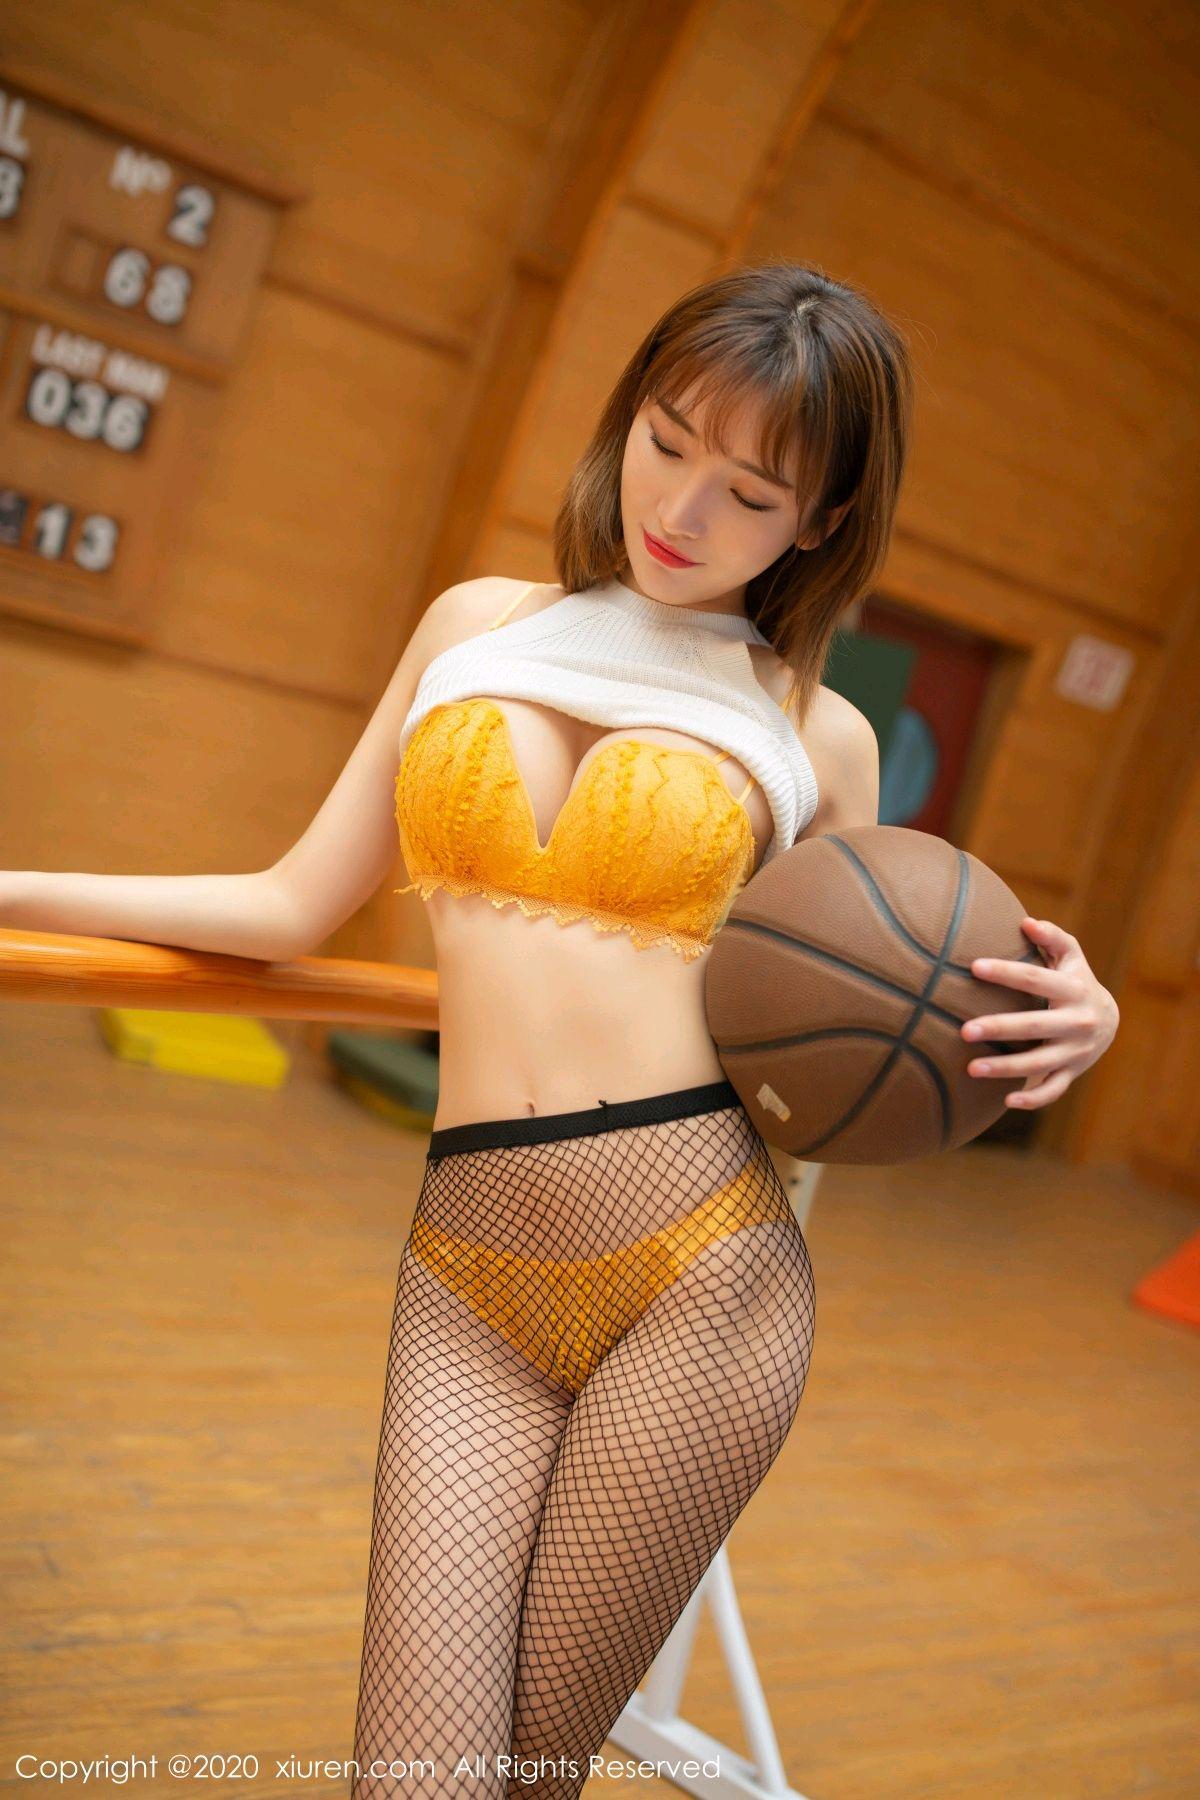 [XiuRen] Vol.1915 Lu Xuan Xuan 8P, Basketball Baby, Lu Xuan Xuan, Underwear, Xiuren